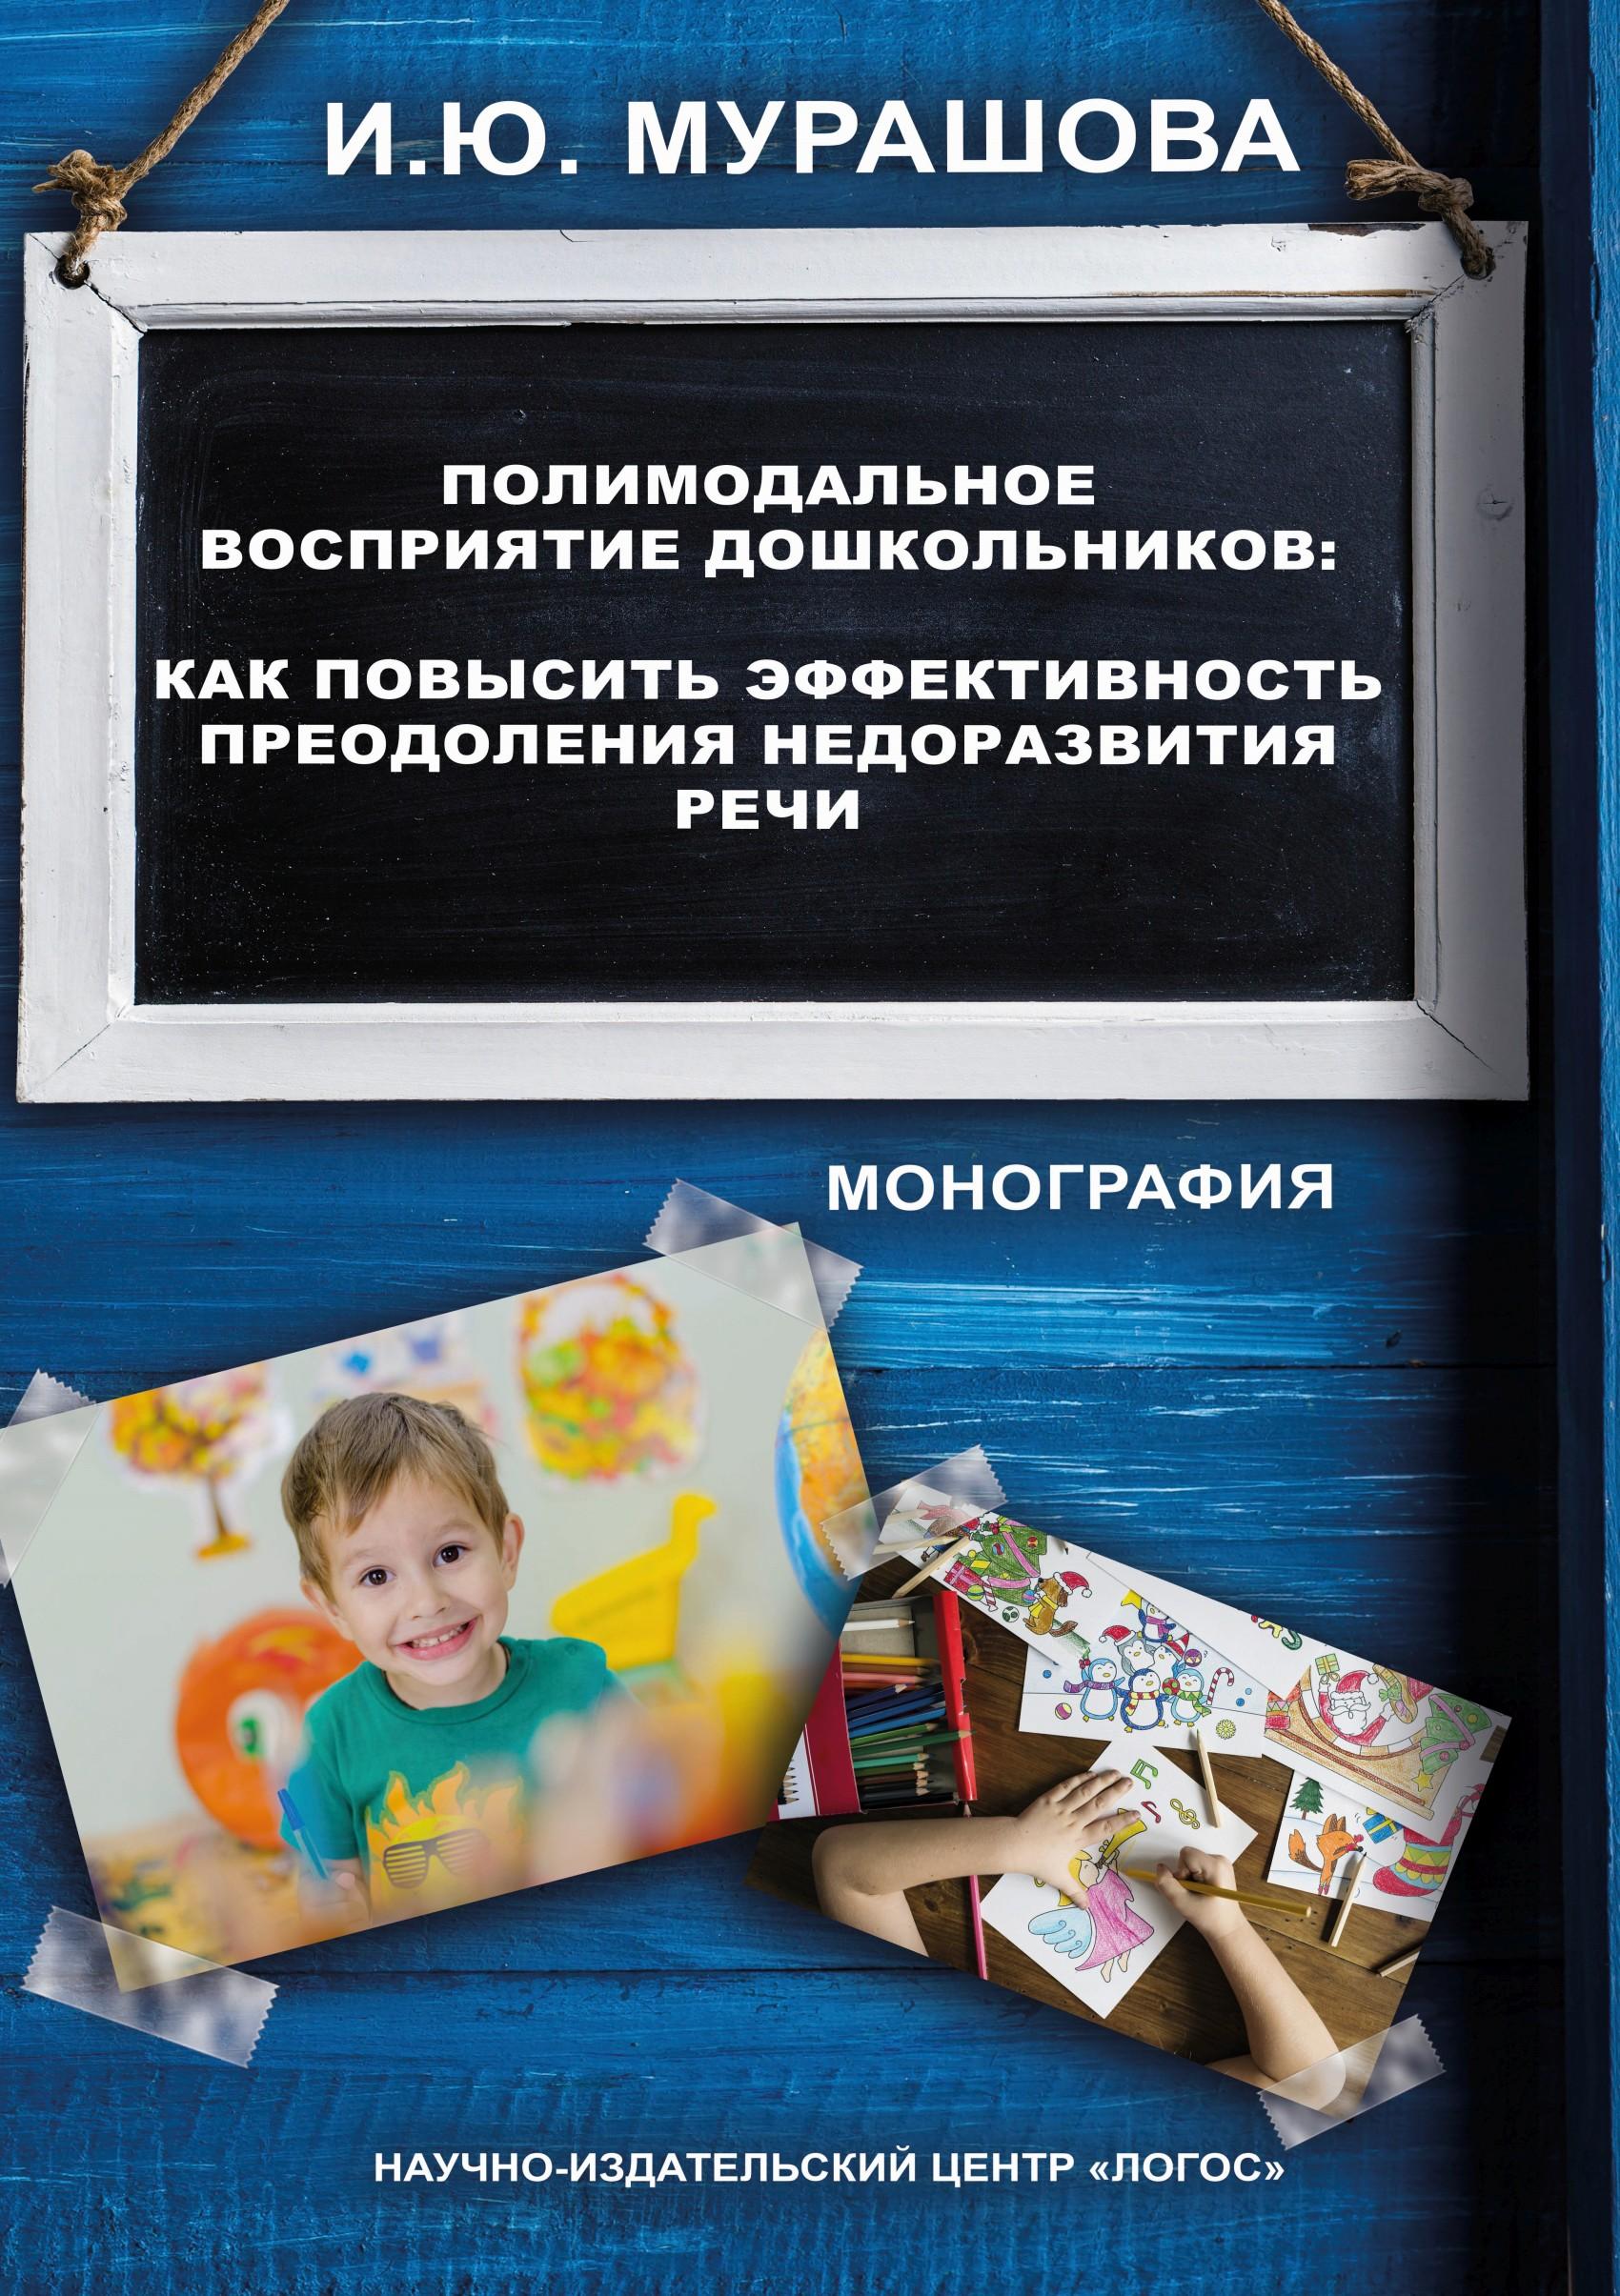 И. Ю. Мурашова Полимодальное восприятие дошкольников. Как повысить эффективность преодоления недоразвития речи ю а кириллова примерная программа физического образования и воспитания детей логопедических групп с общим недоразвитием речи с 3 до 7 лет